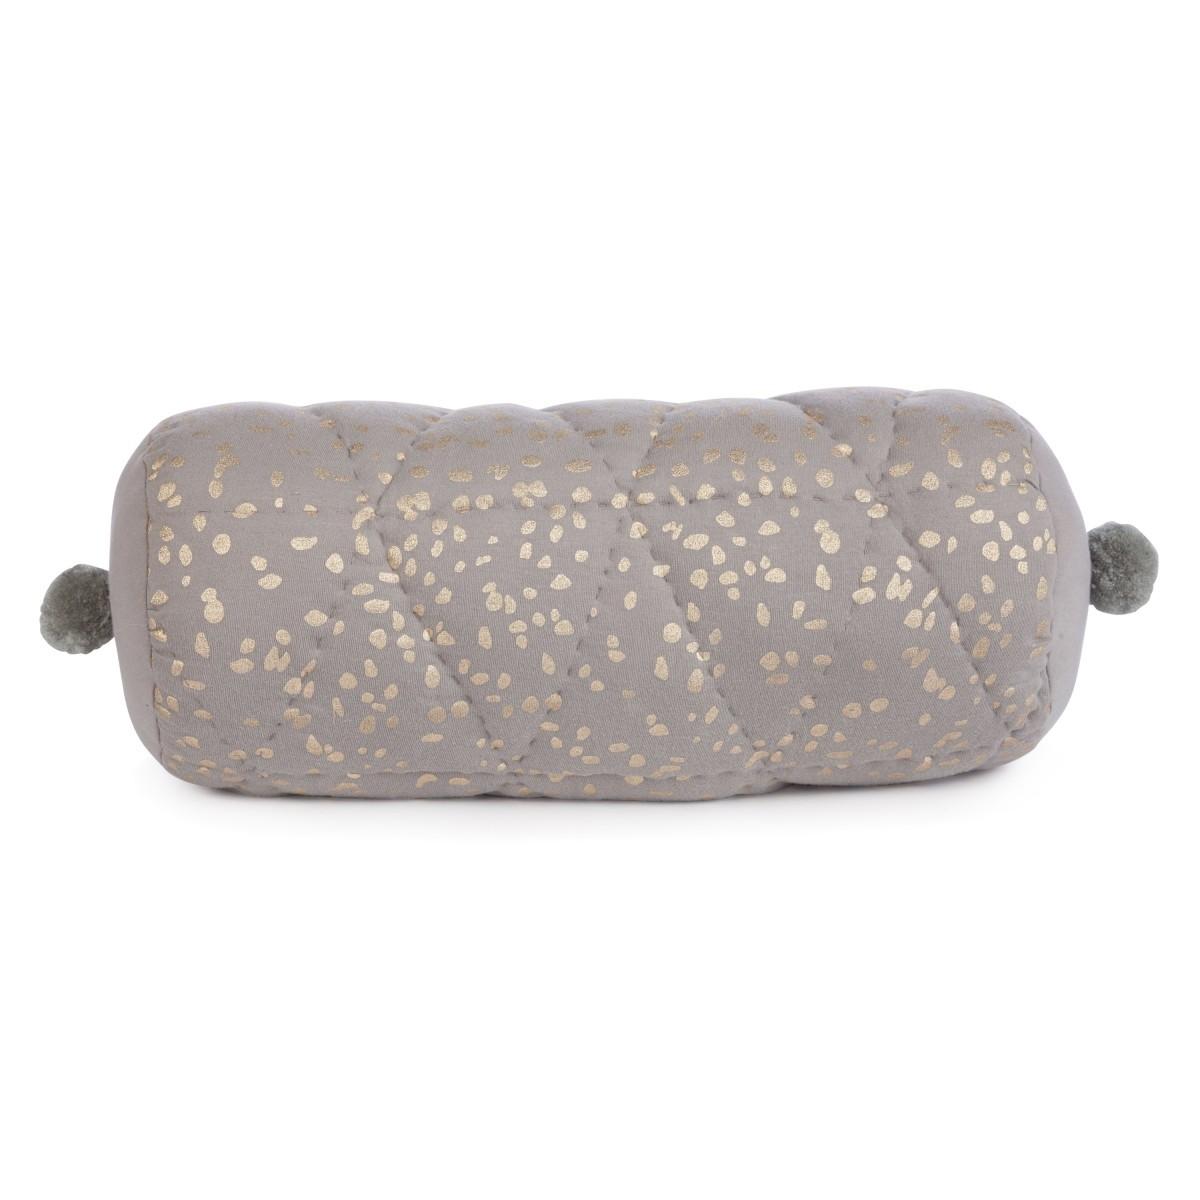 Confetti rolkussen grijs